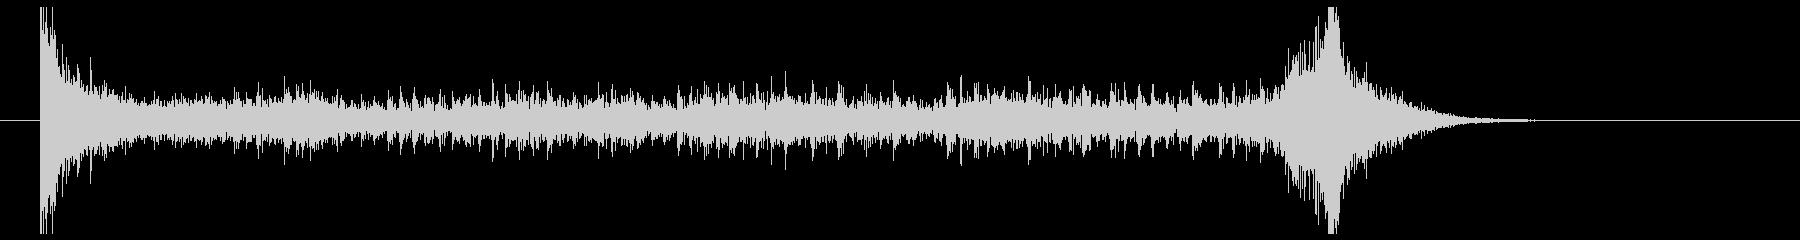 ティンパニーロール(8秒)の未再生の波形